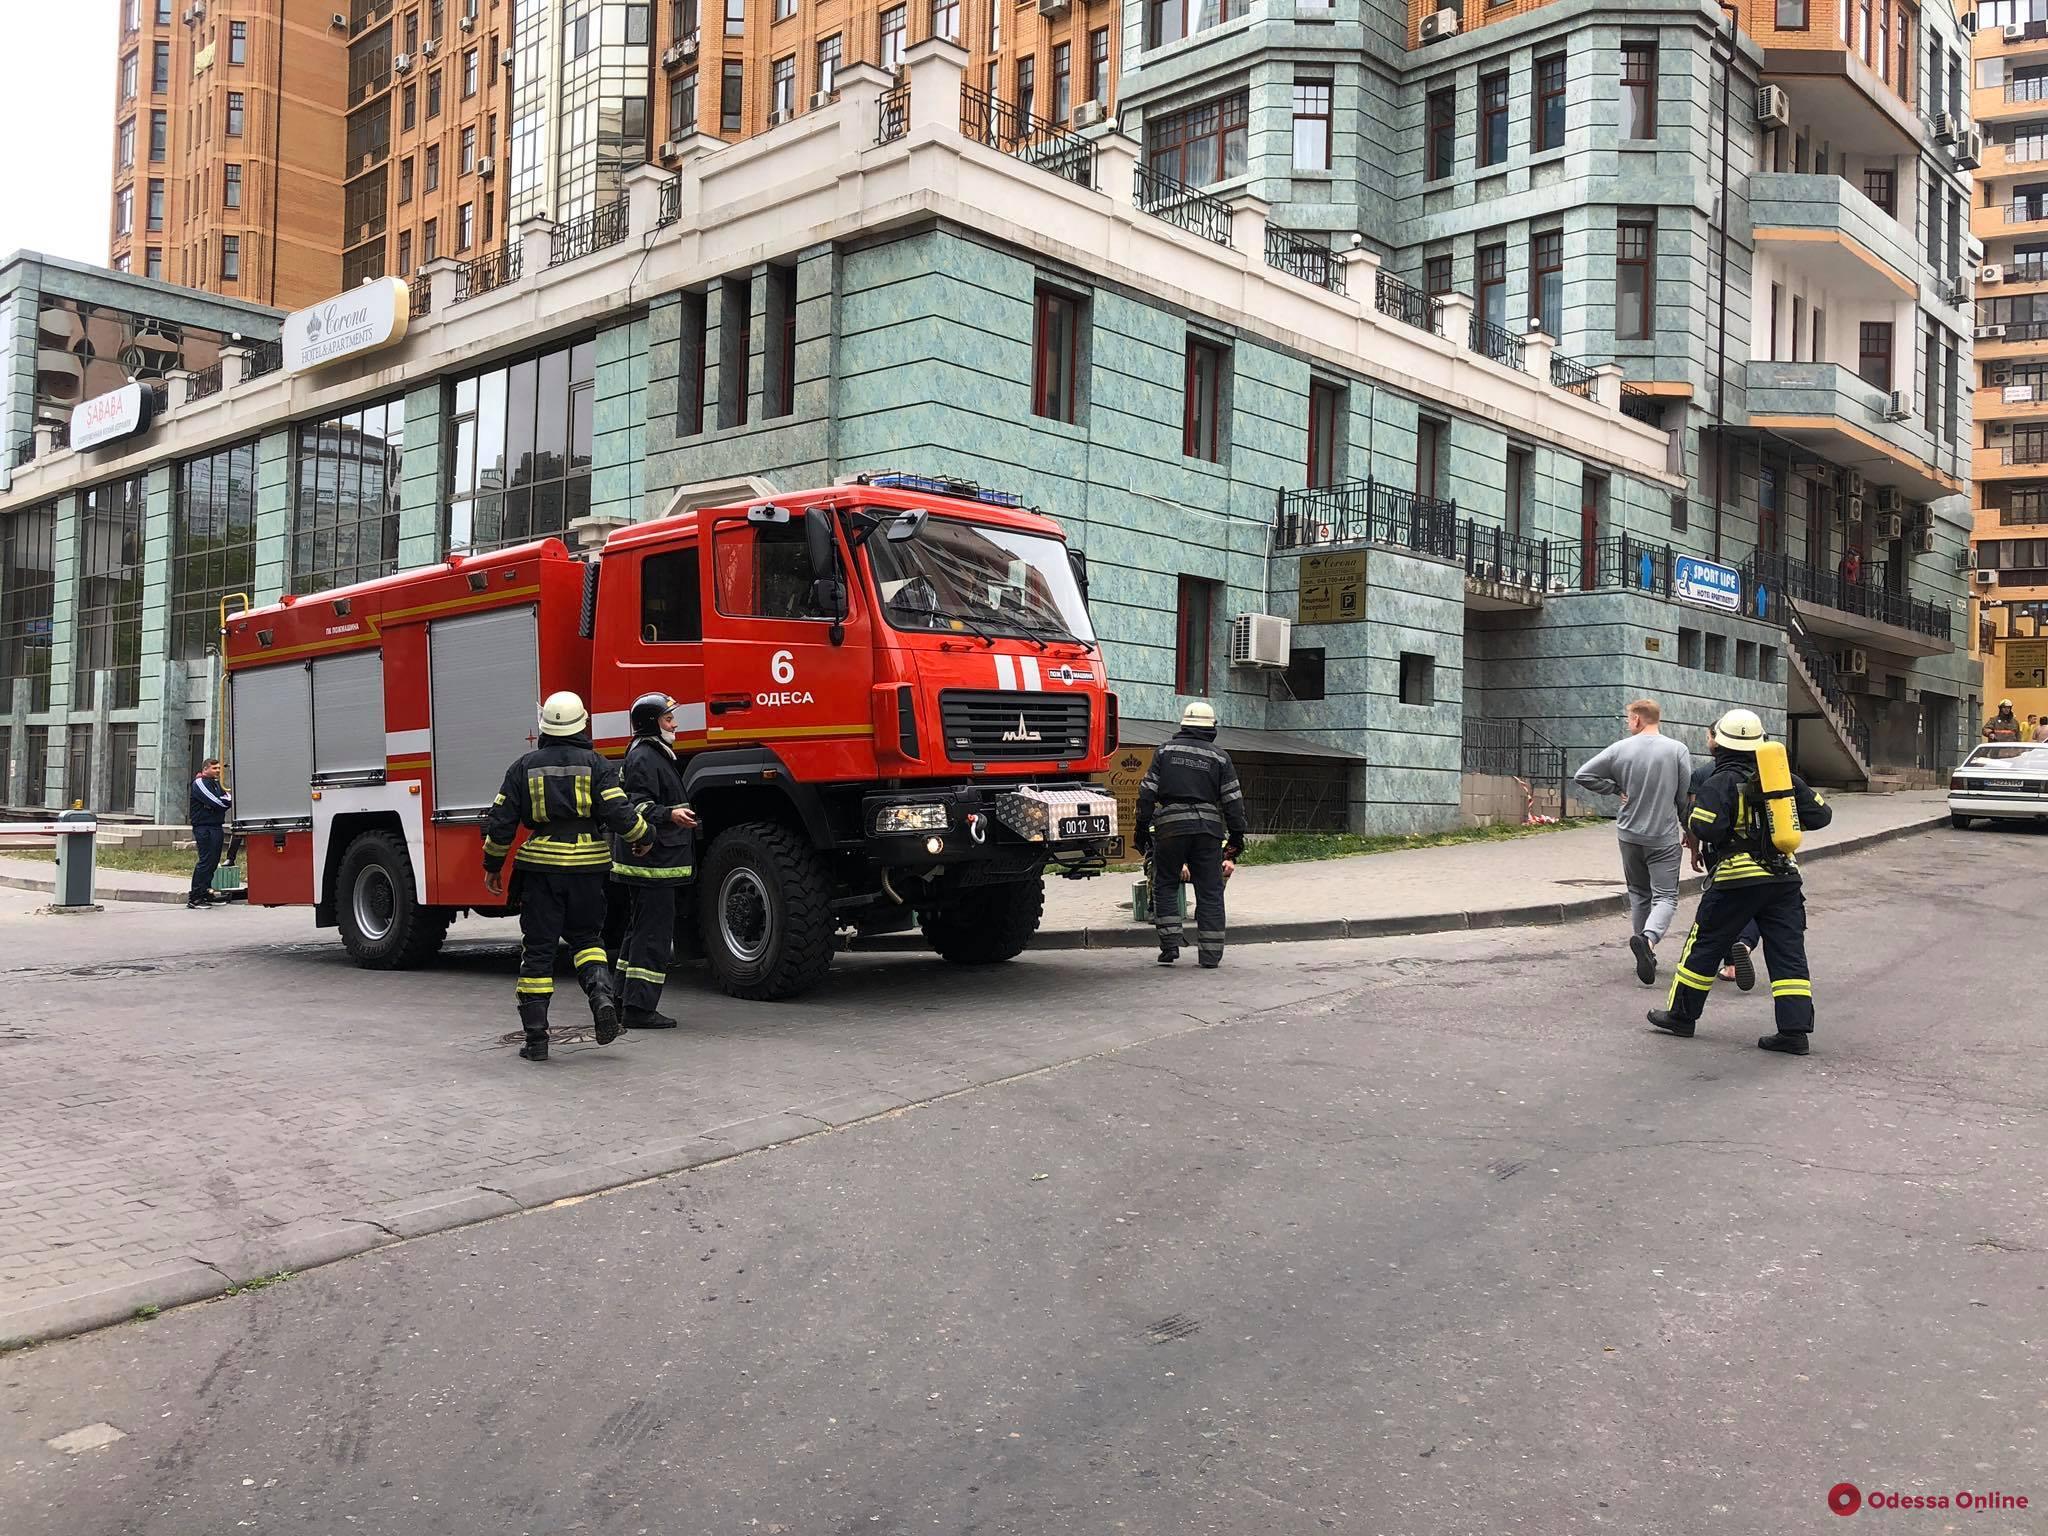 В гостинице на Генуэзской горит газовая труба (фото, видео, обновлено)